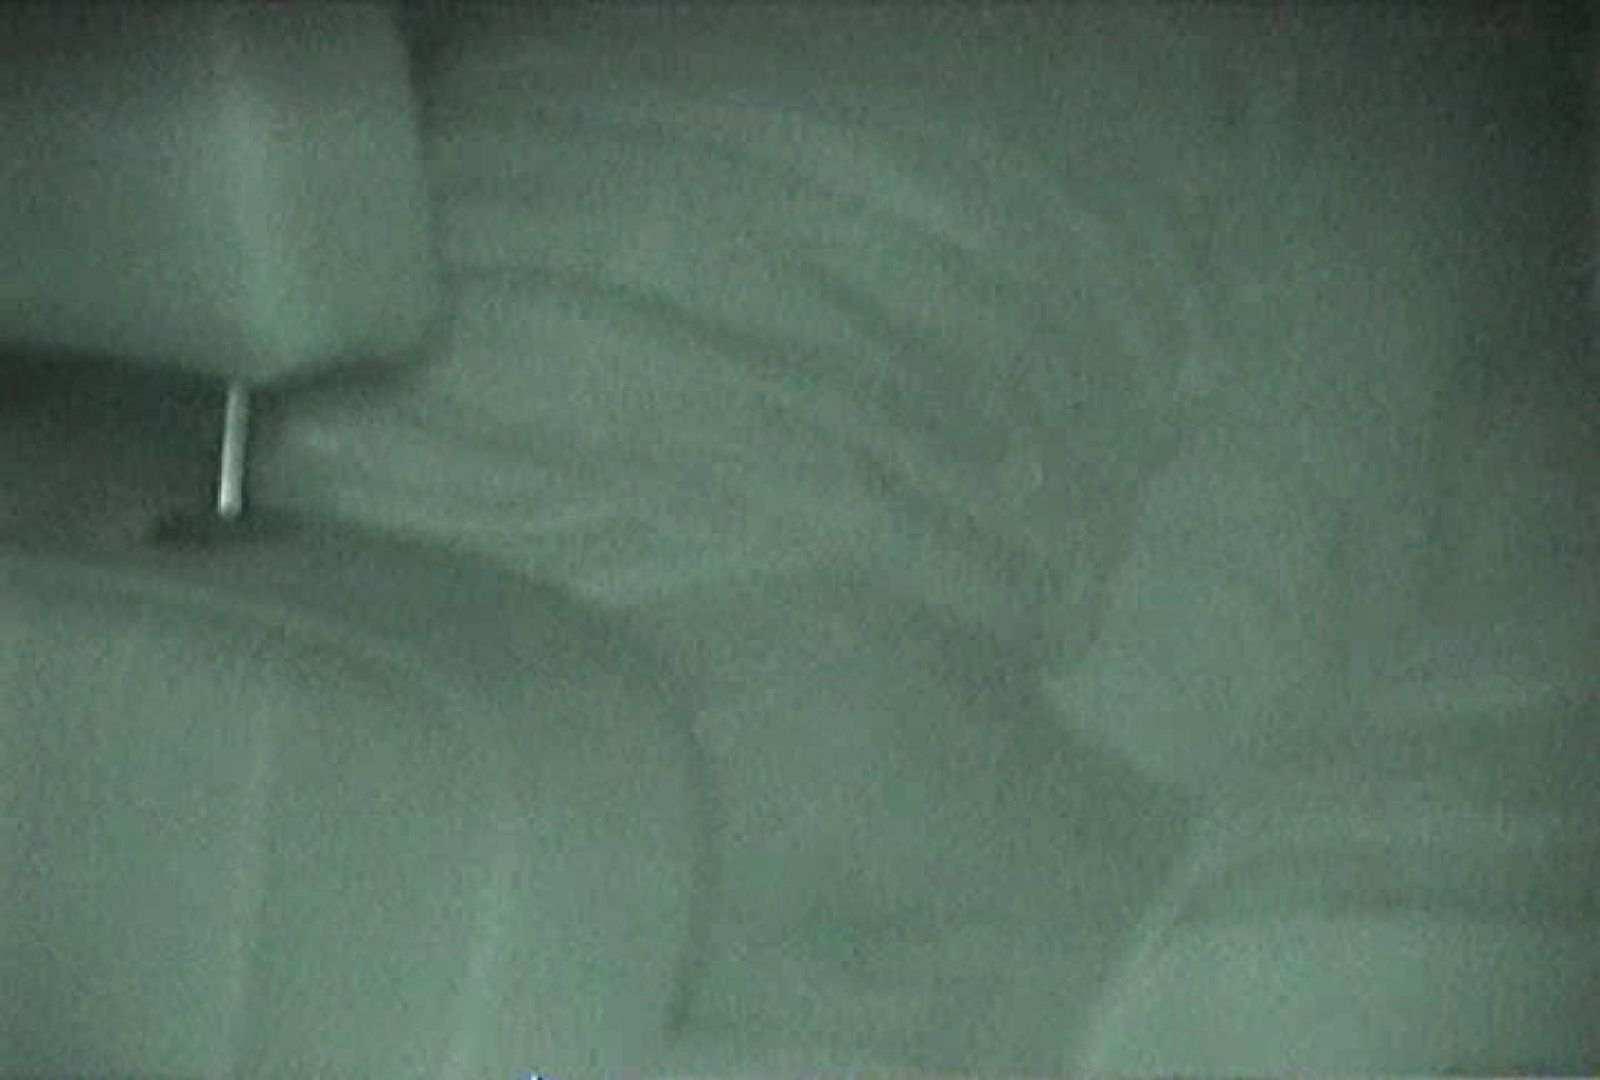 充血監督の深夜の運動会Vol.55 すけべなカップル   すけべなOL  94画像 11